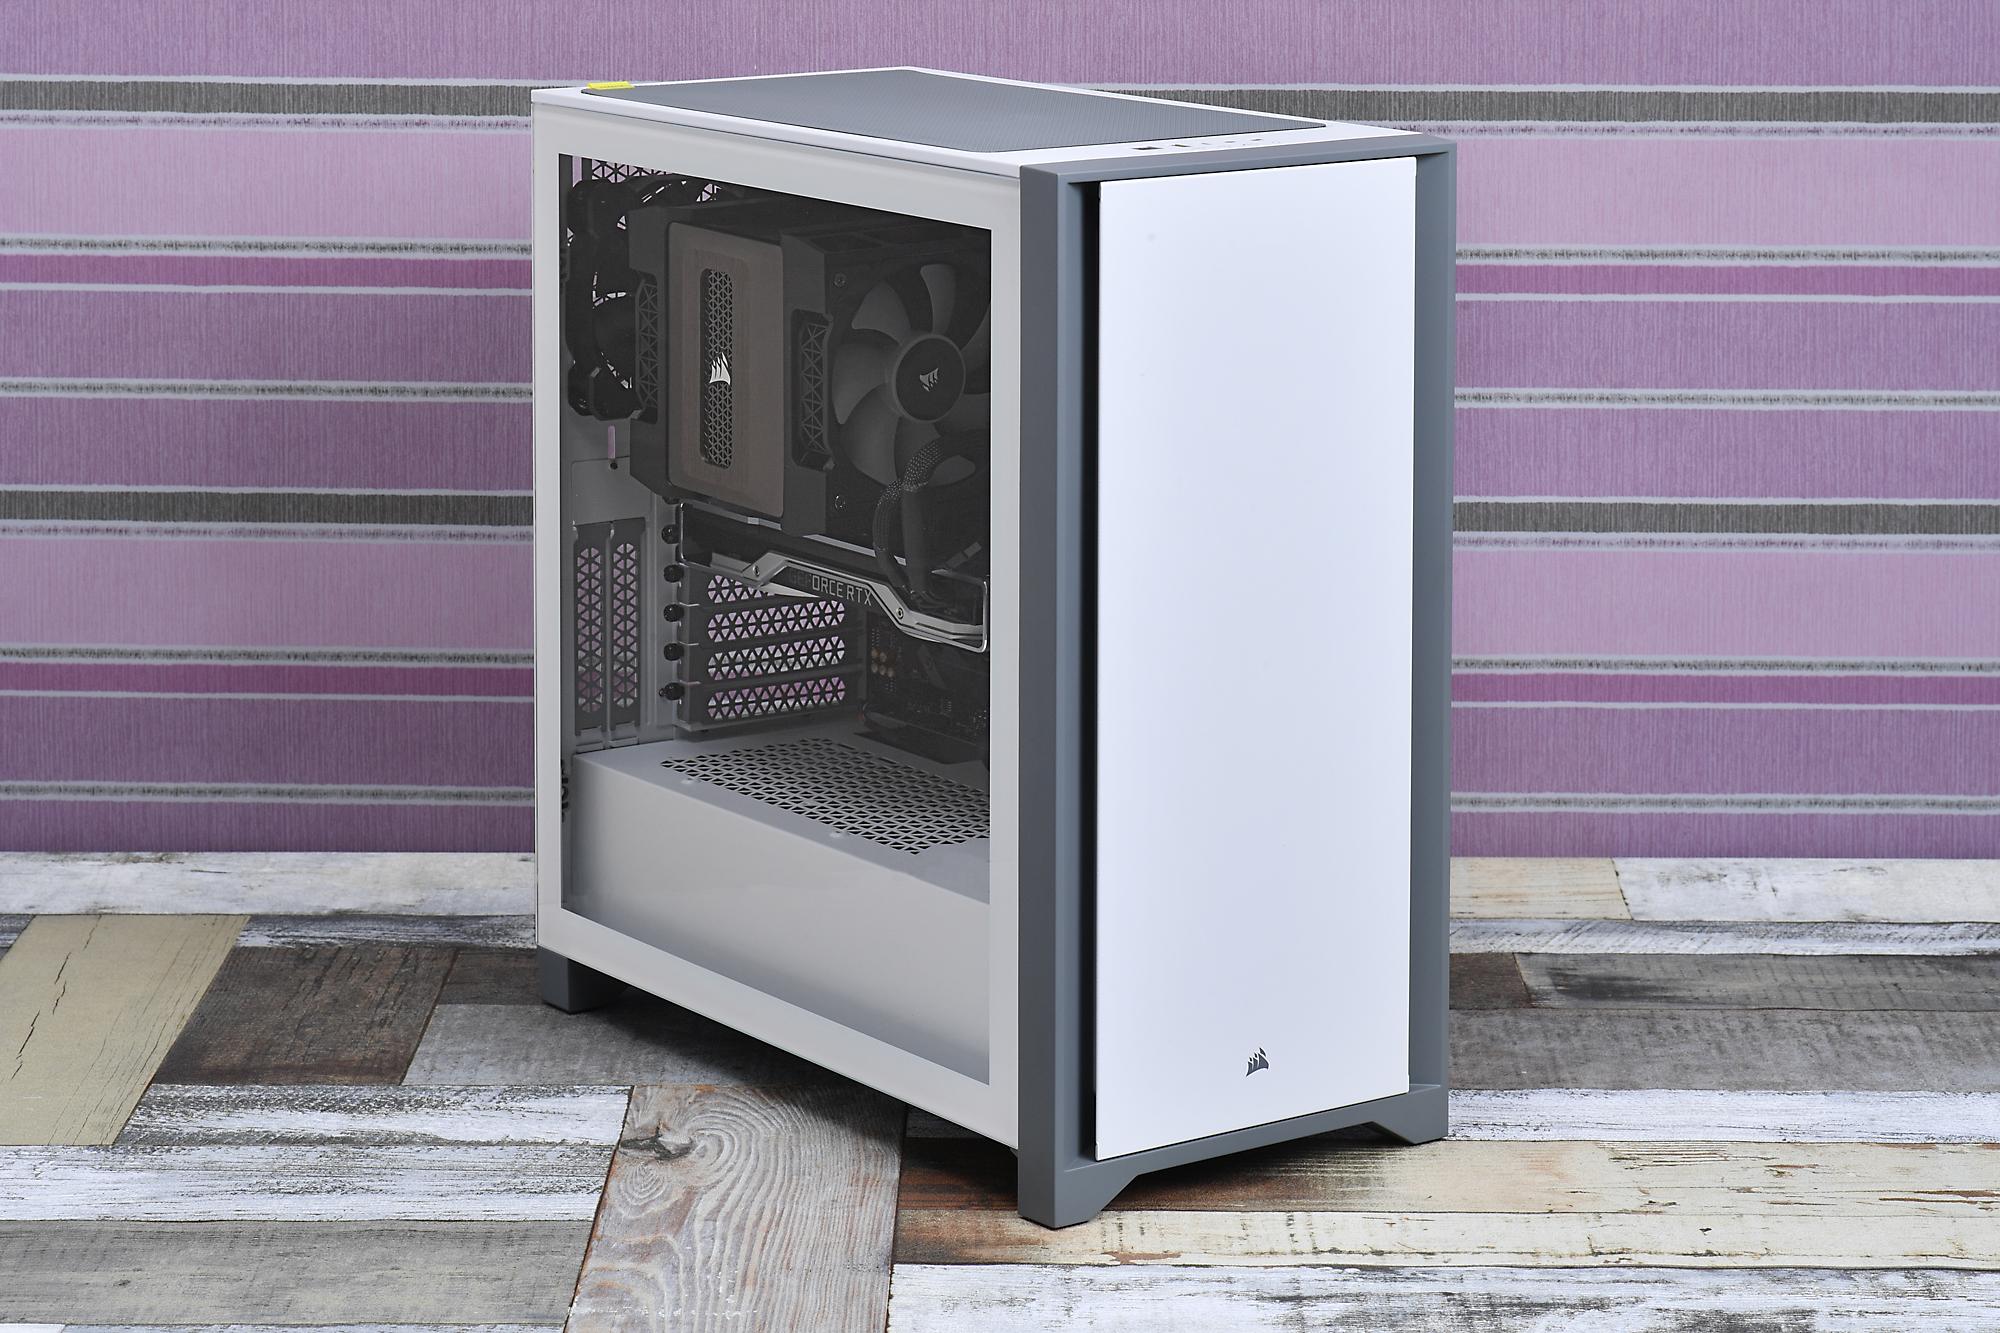 4000D Tempered Glassで白×黒のツートンカラーで光らない玄人好みのPCを組んでみた。